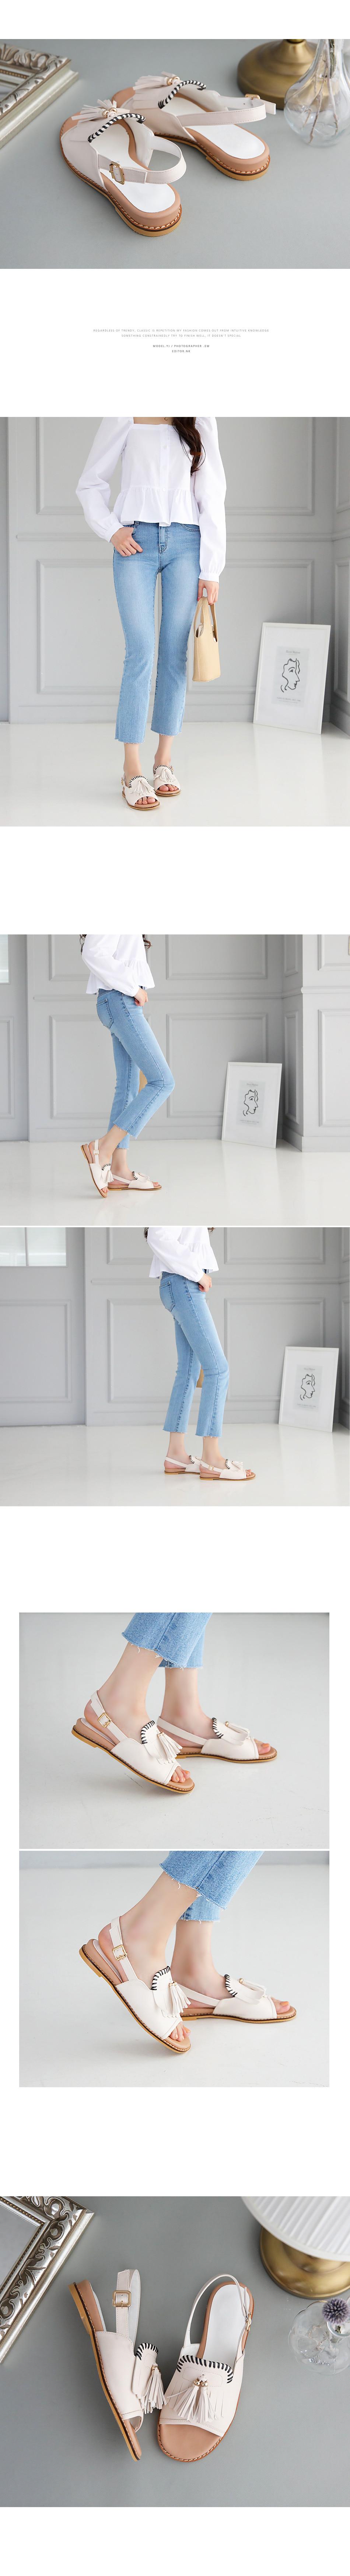 Malcolm Sling Back Sandals 2.5cm